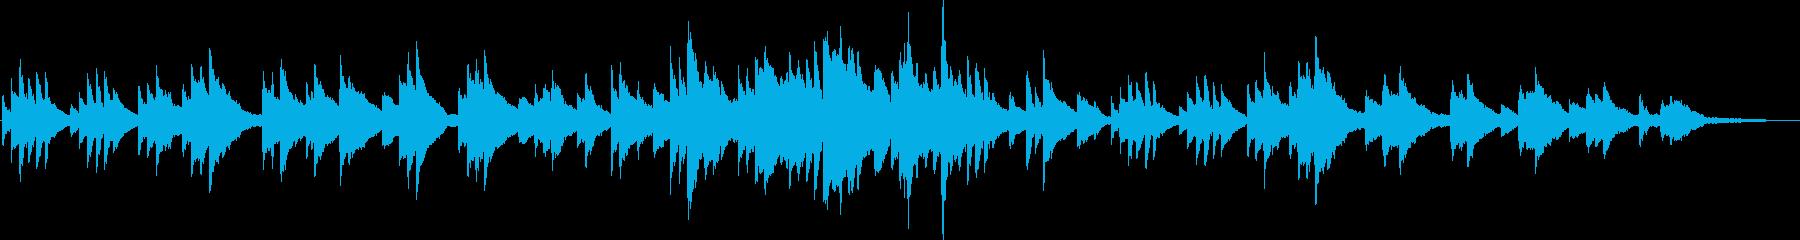 映像向けの爽やかで切ないピアノソロの再生済みの波形